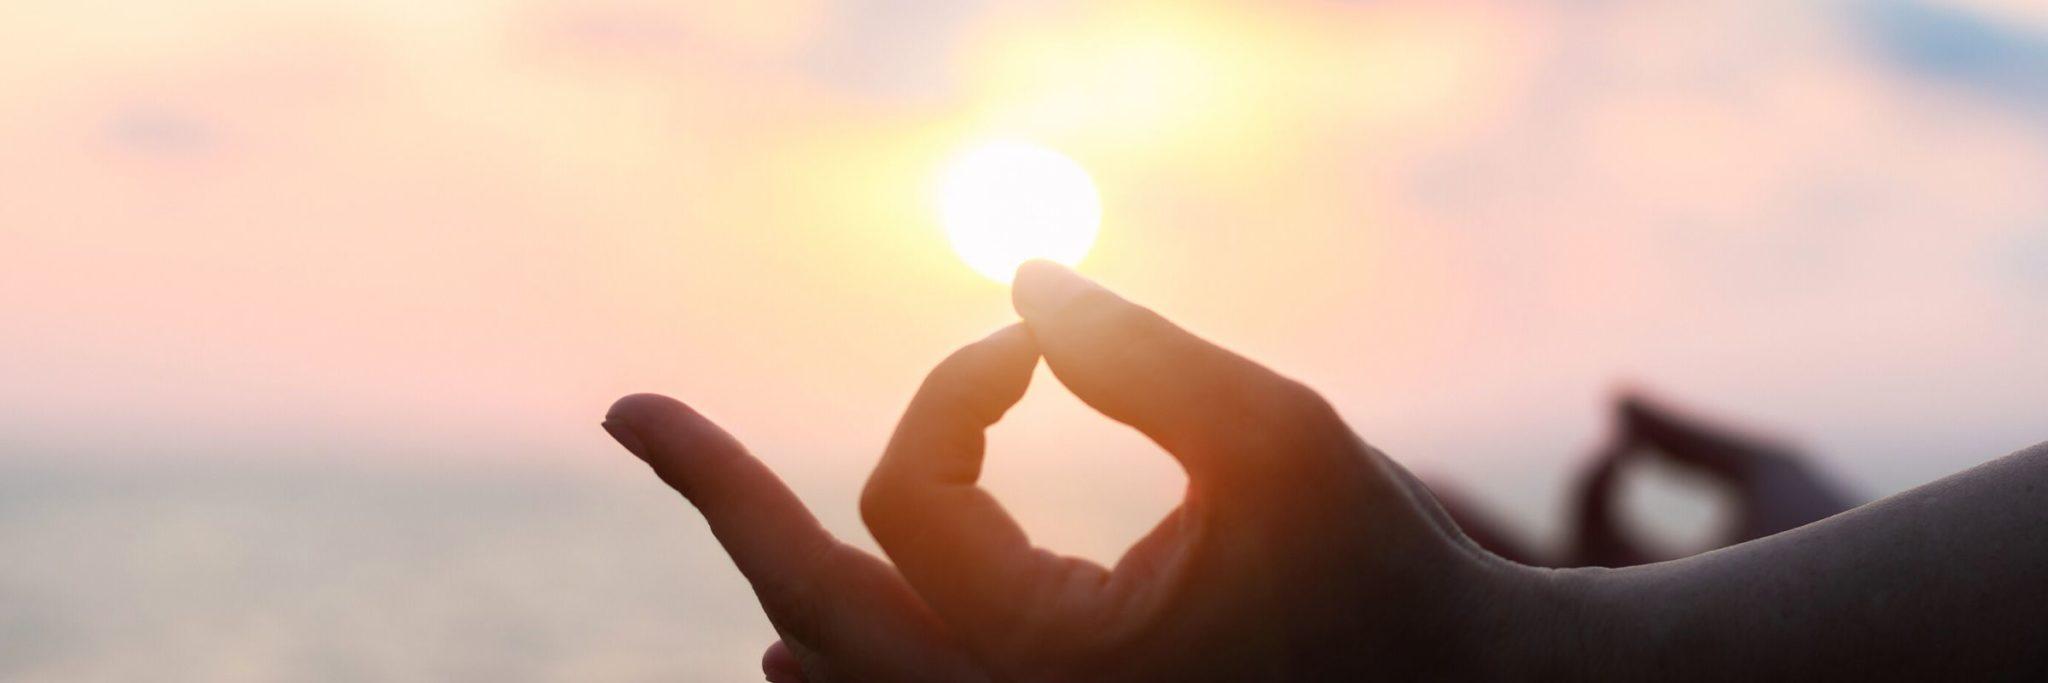 Meditatie en ontspanning helpen bij het verhogen van je weerstand